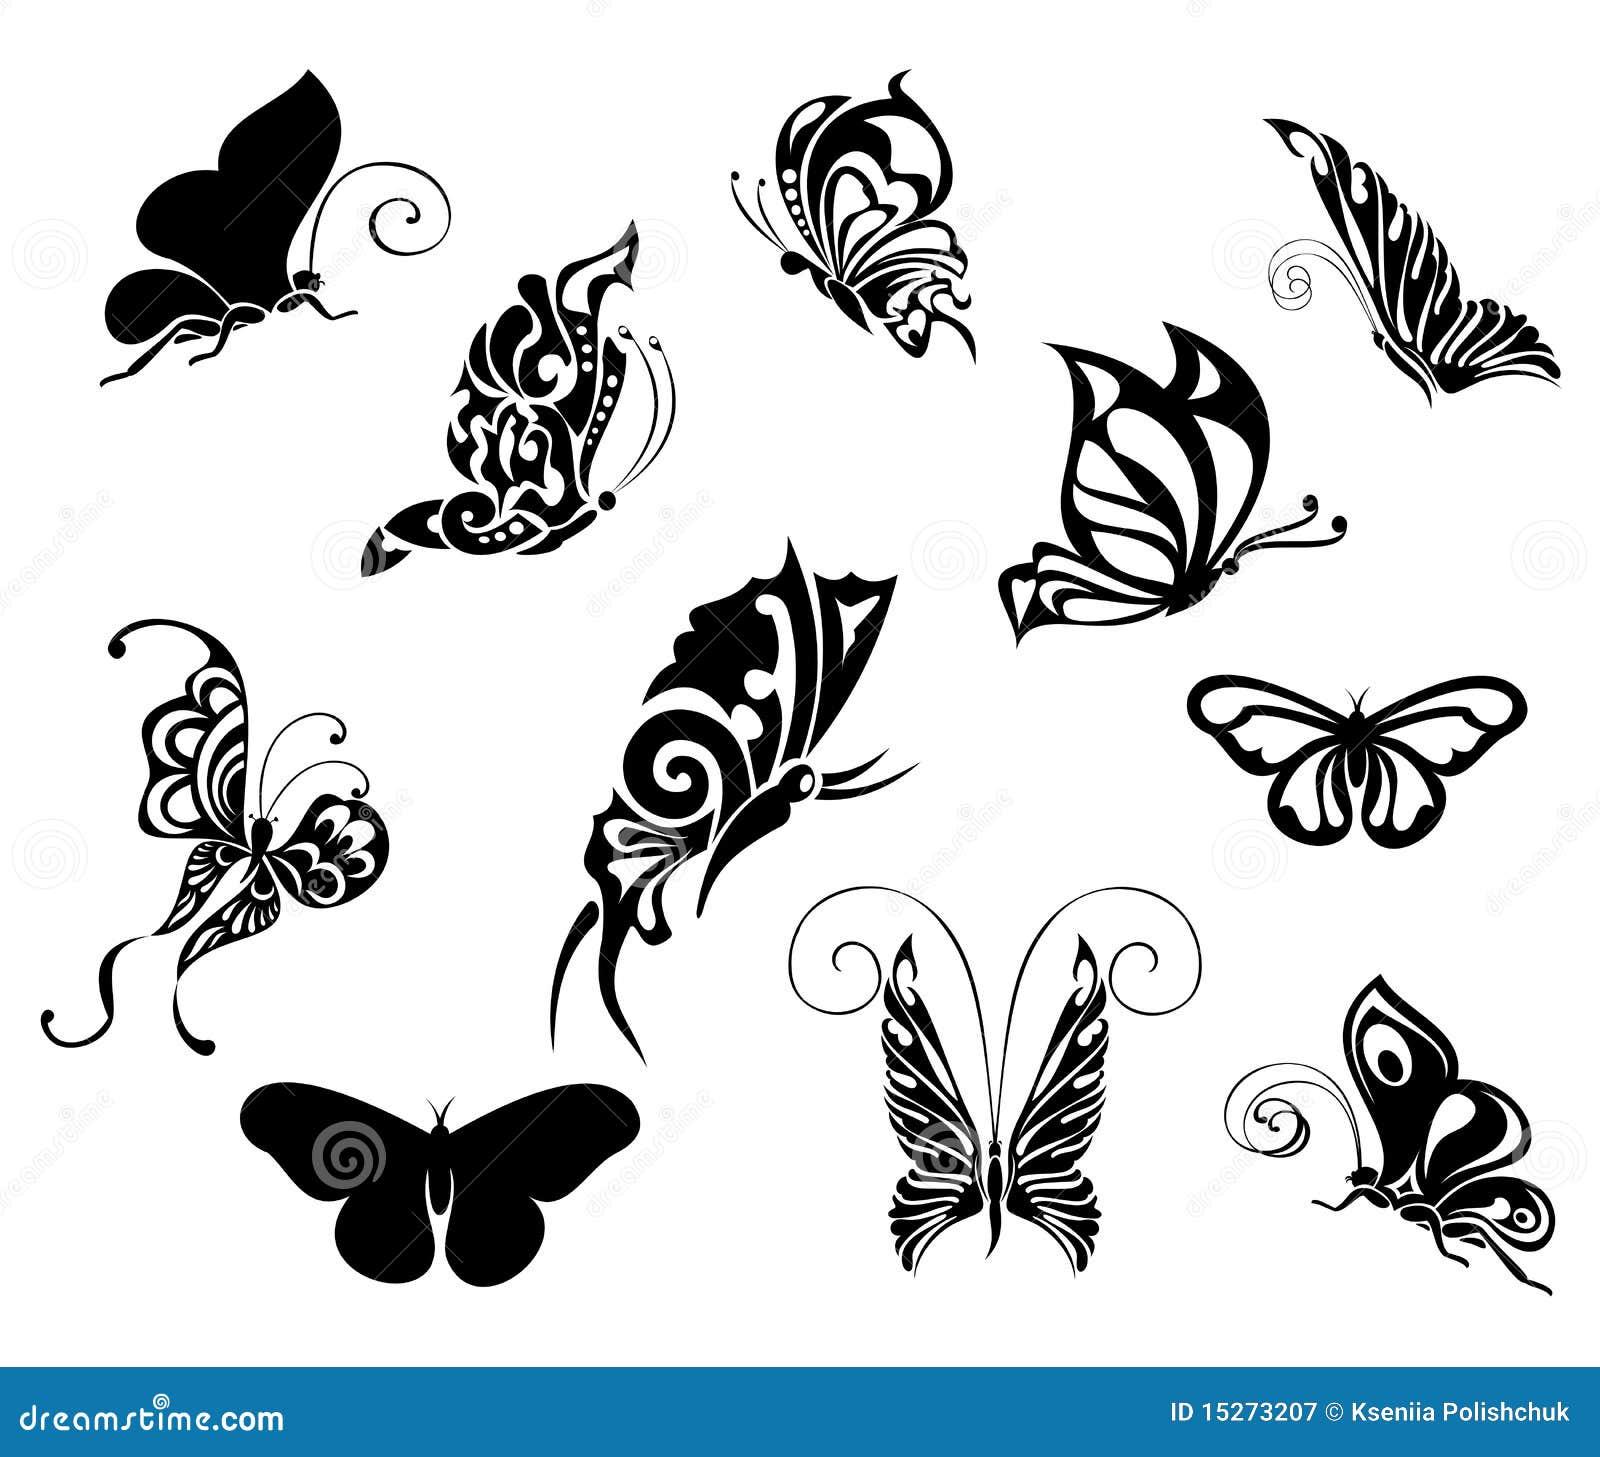 Jogo De Borboletas Do Tatuagem Projeto Do Tatuagem